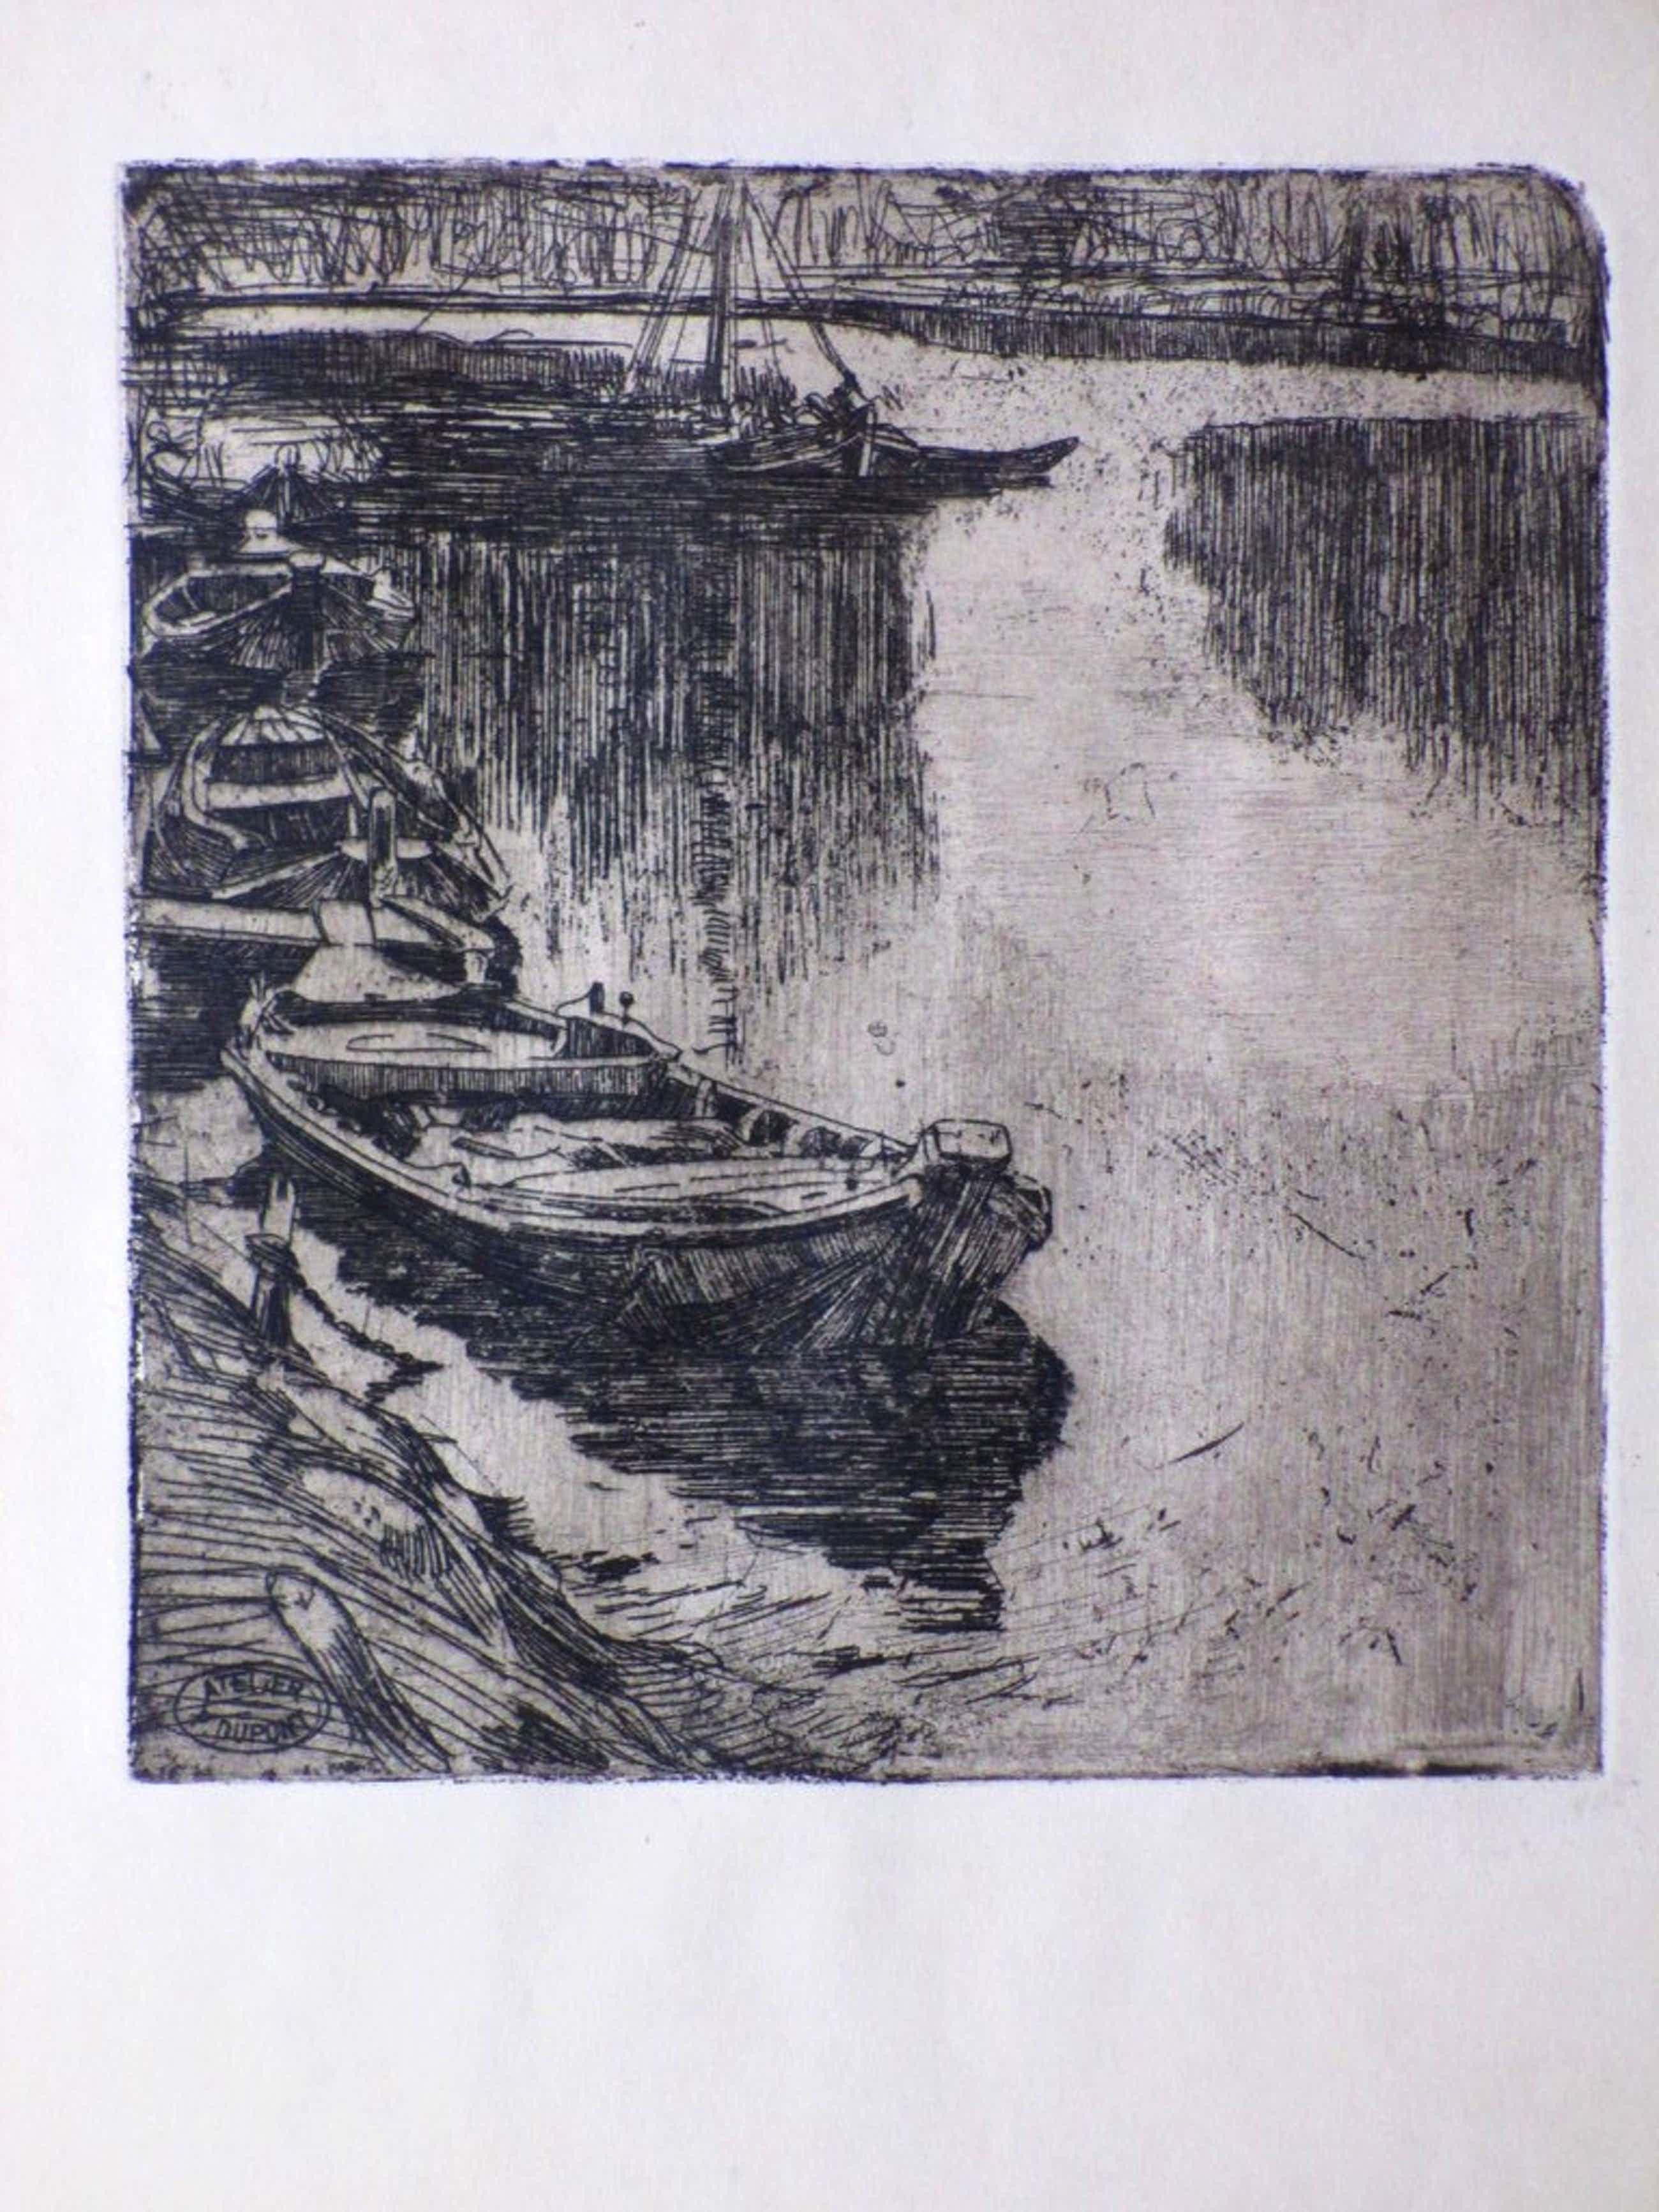 Pieter Dupont, Booten, Ets op zink 1895 kopen? Bied vanaf 85!